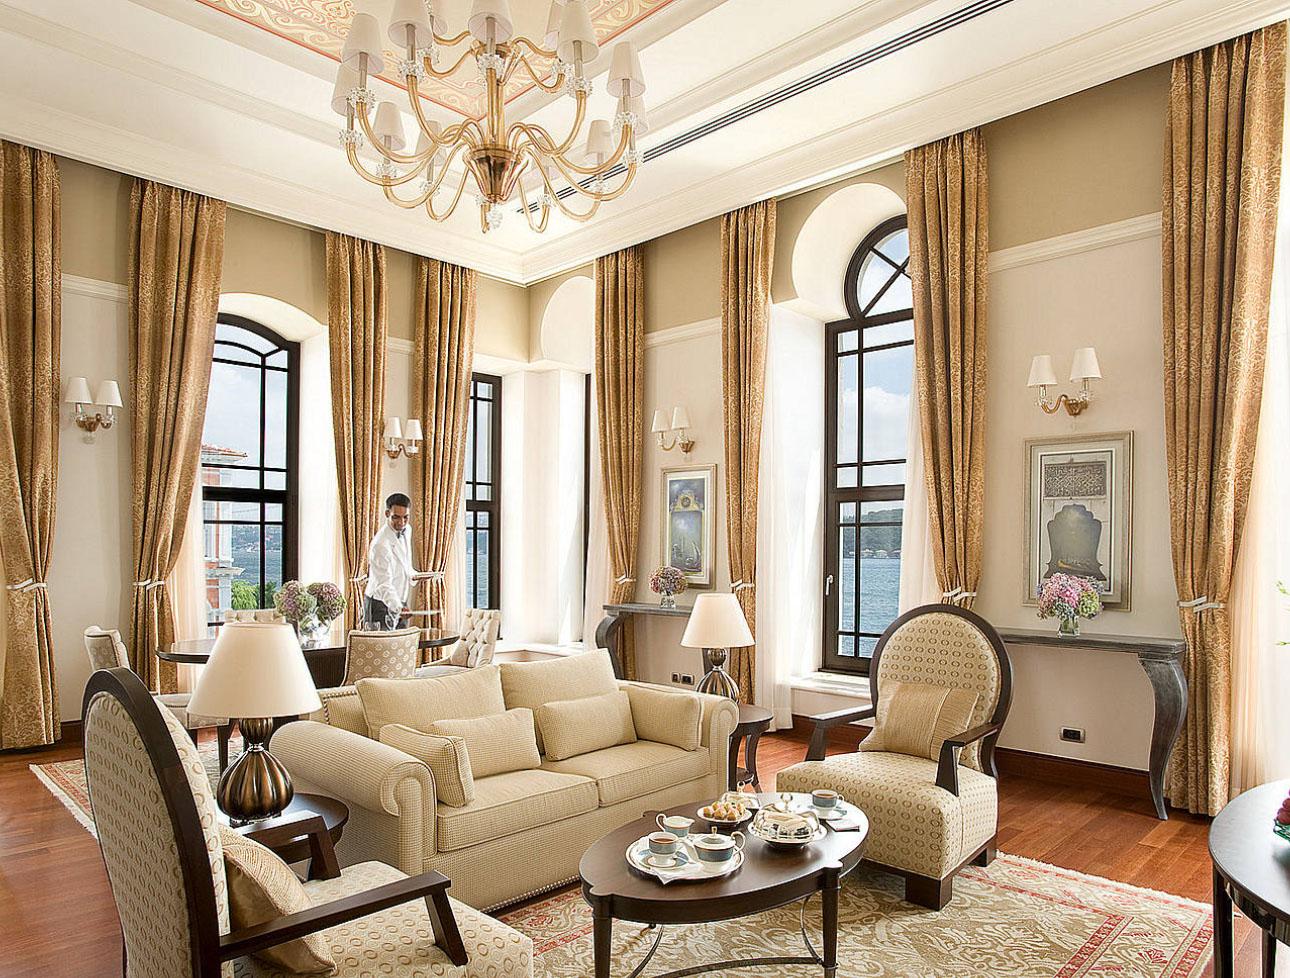 Century Apartment Decorating